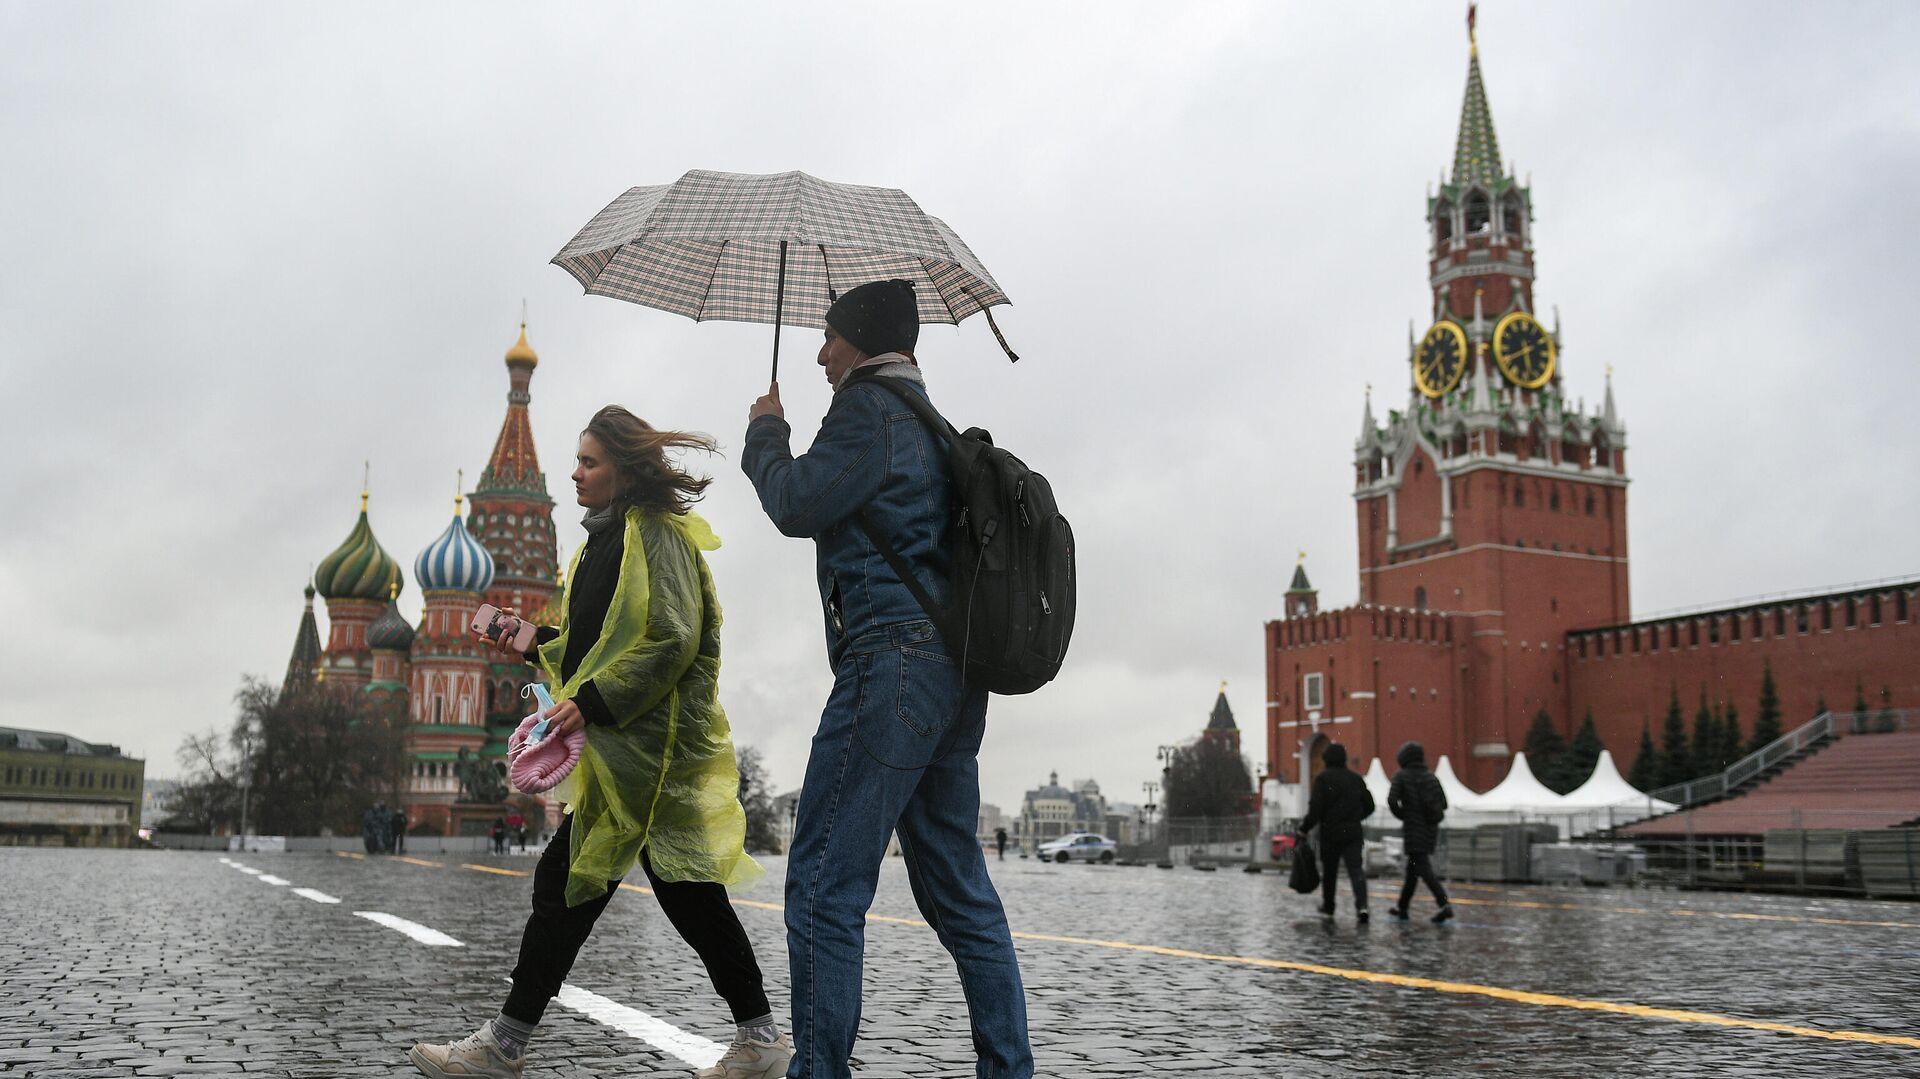 Дождь в Москве - РИА Новости, 1920, 25.04.2021